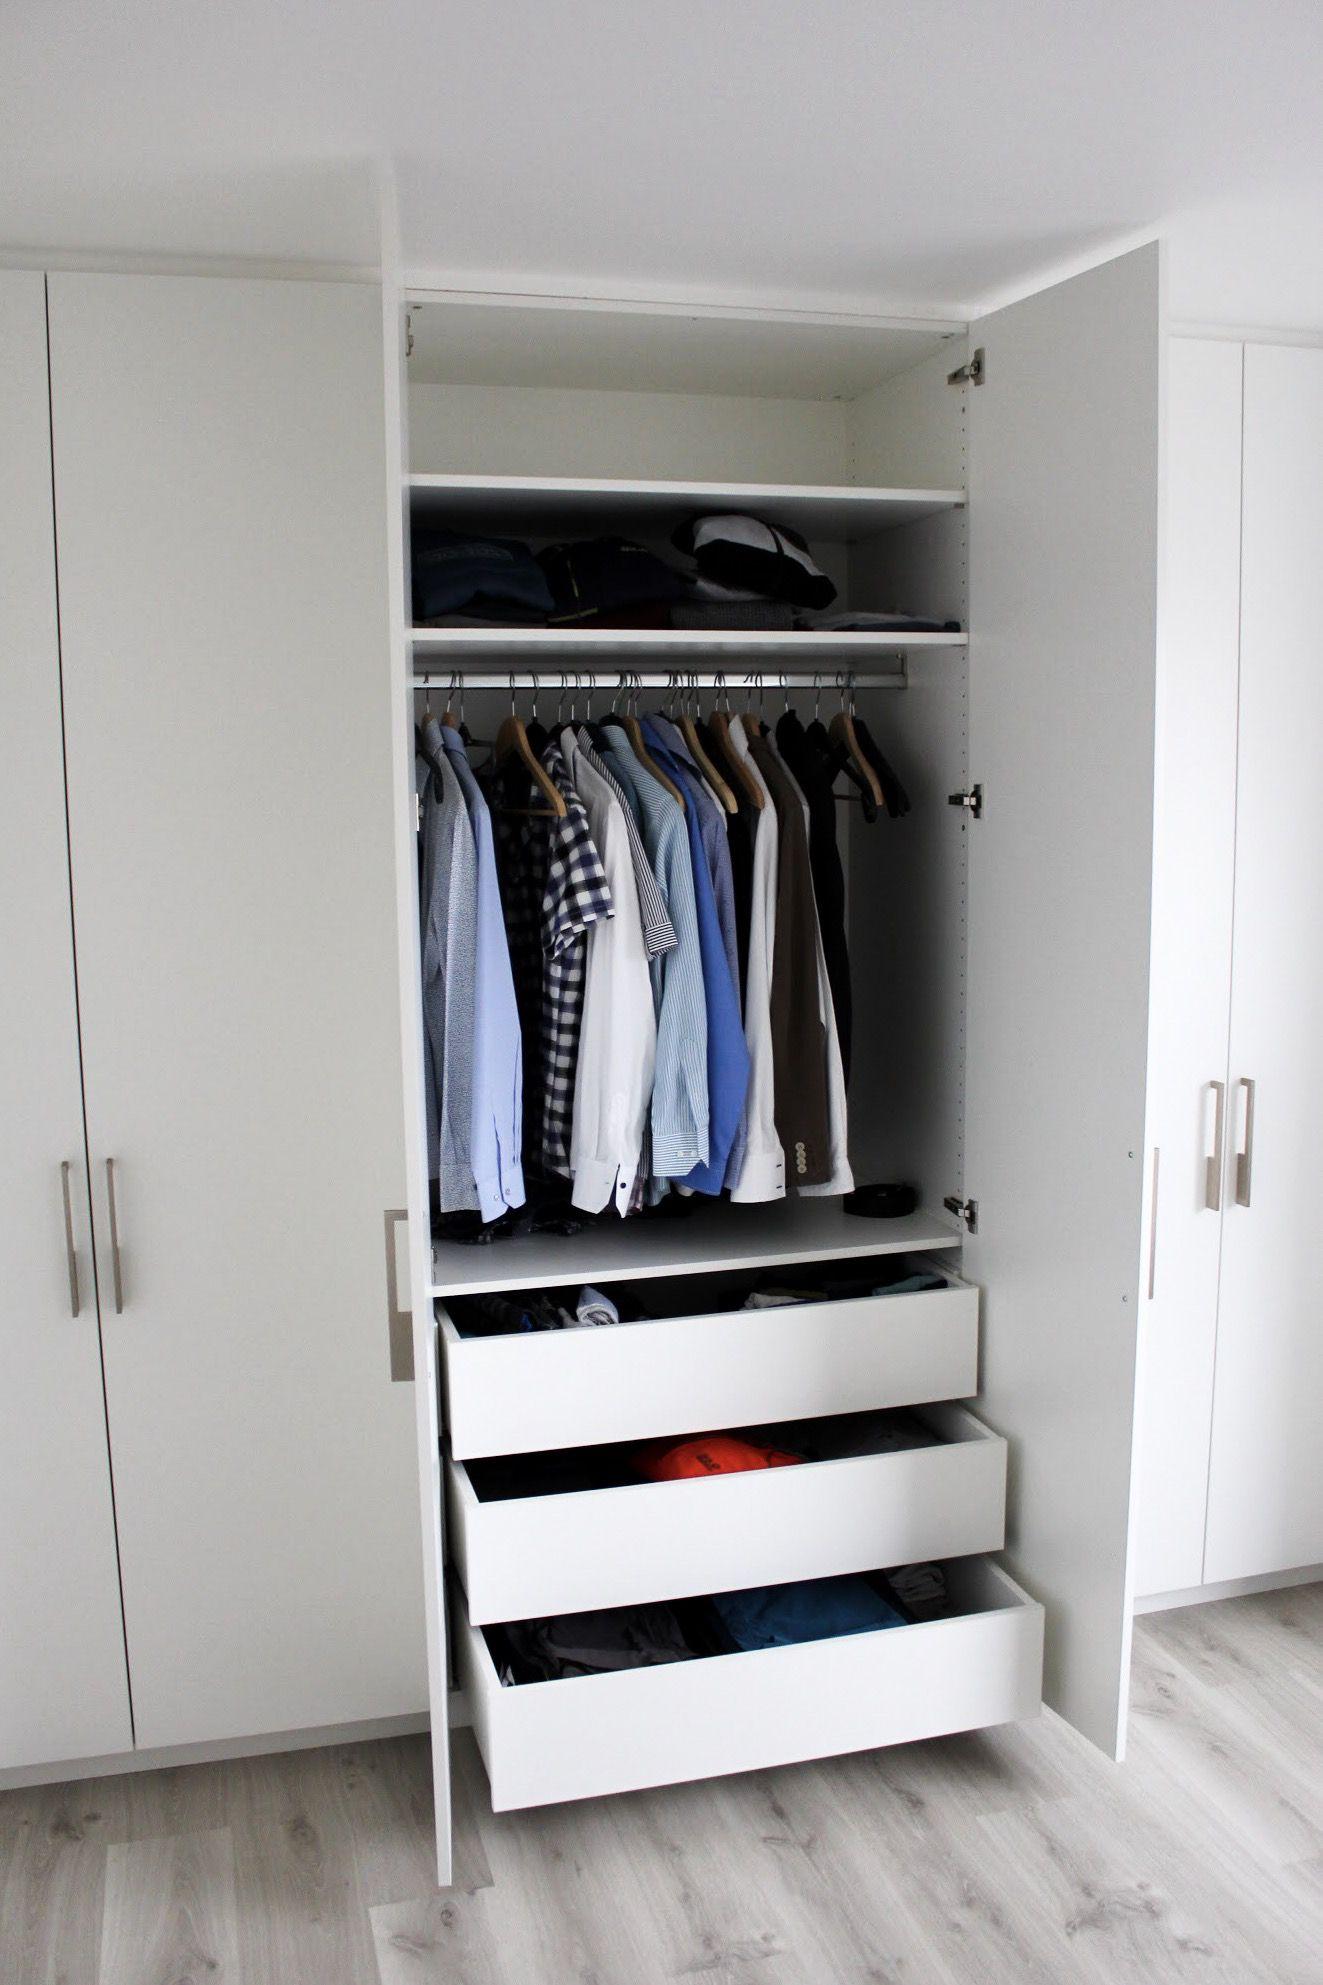 Maatkasten Online Inbouwkast Dressing Op Maat White